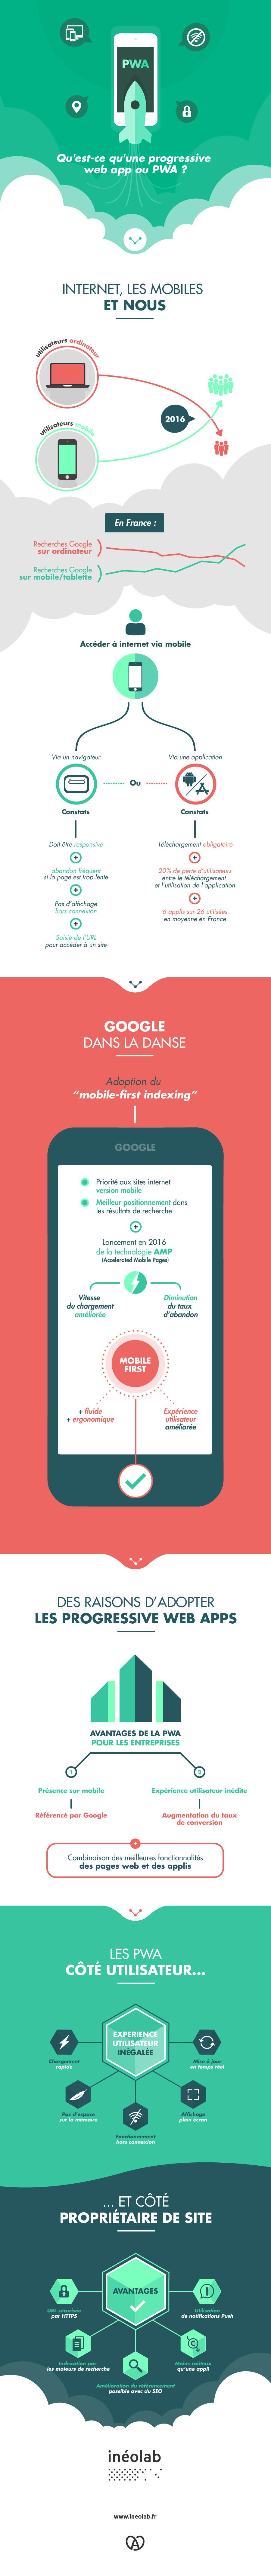 Infographie de qu'est-ce qu'une progressive web app ?